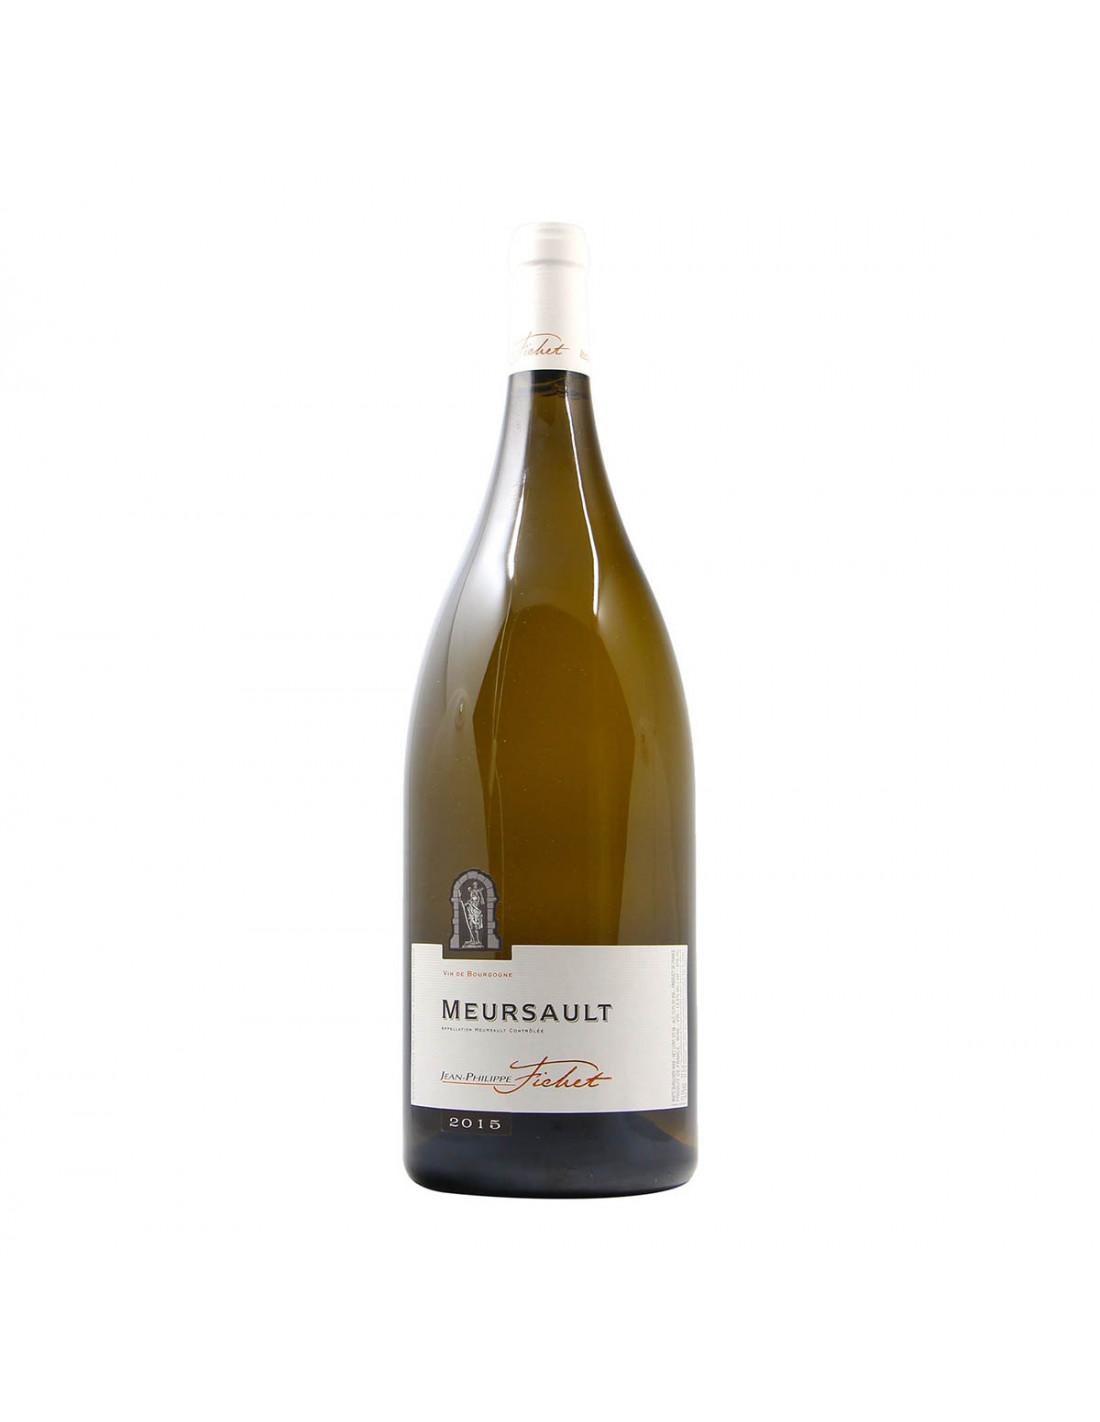 Fichet Meursault 2015 Magnum Grandi Bottiglie